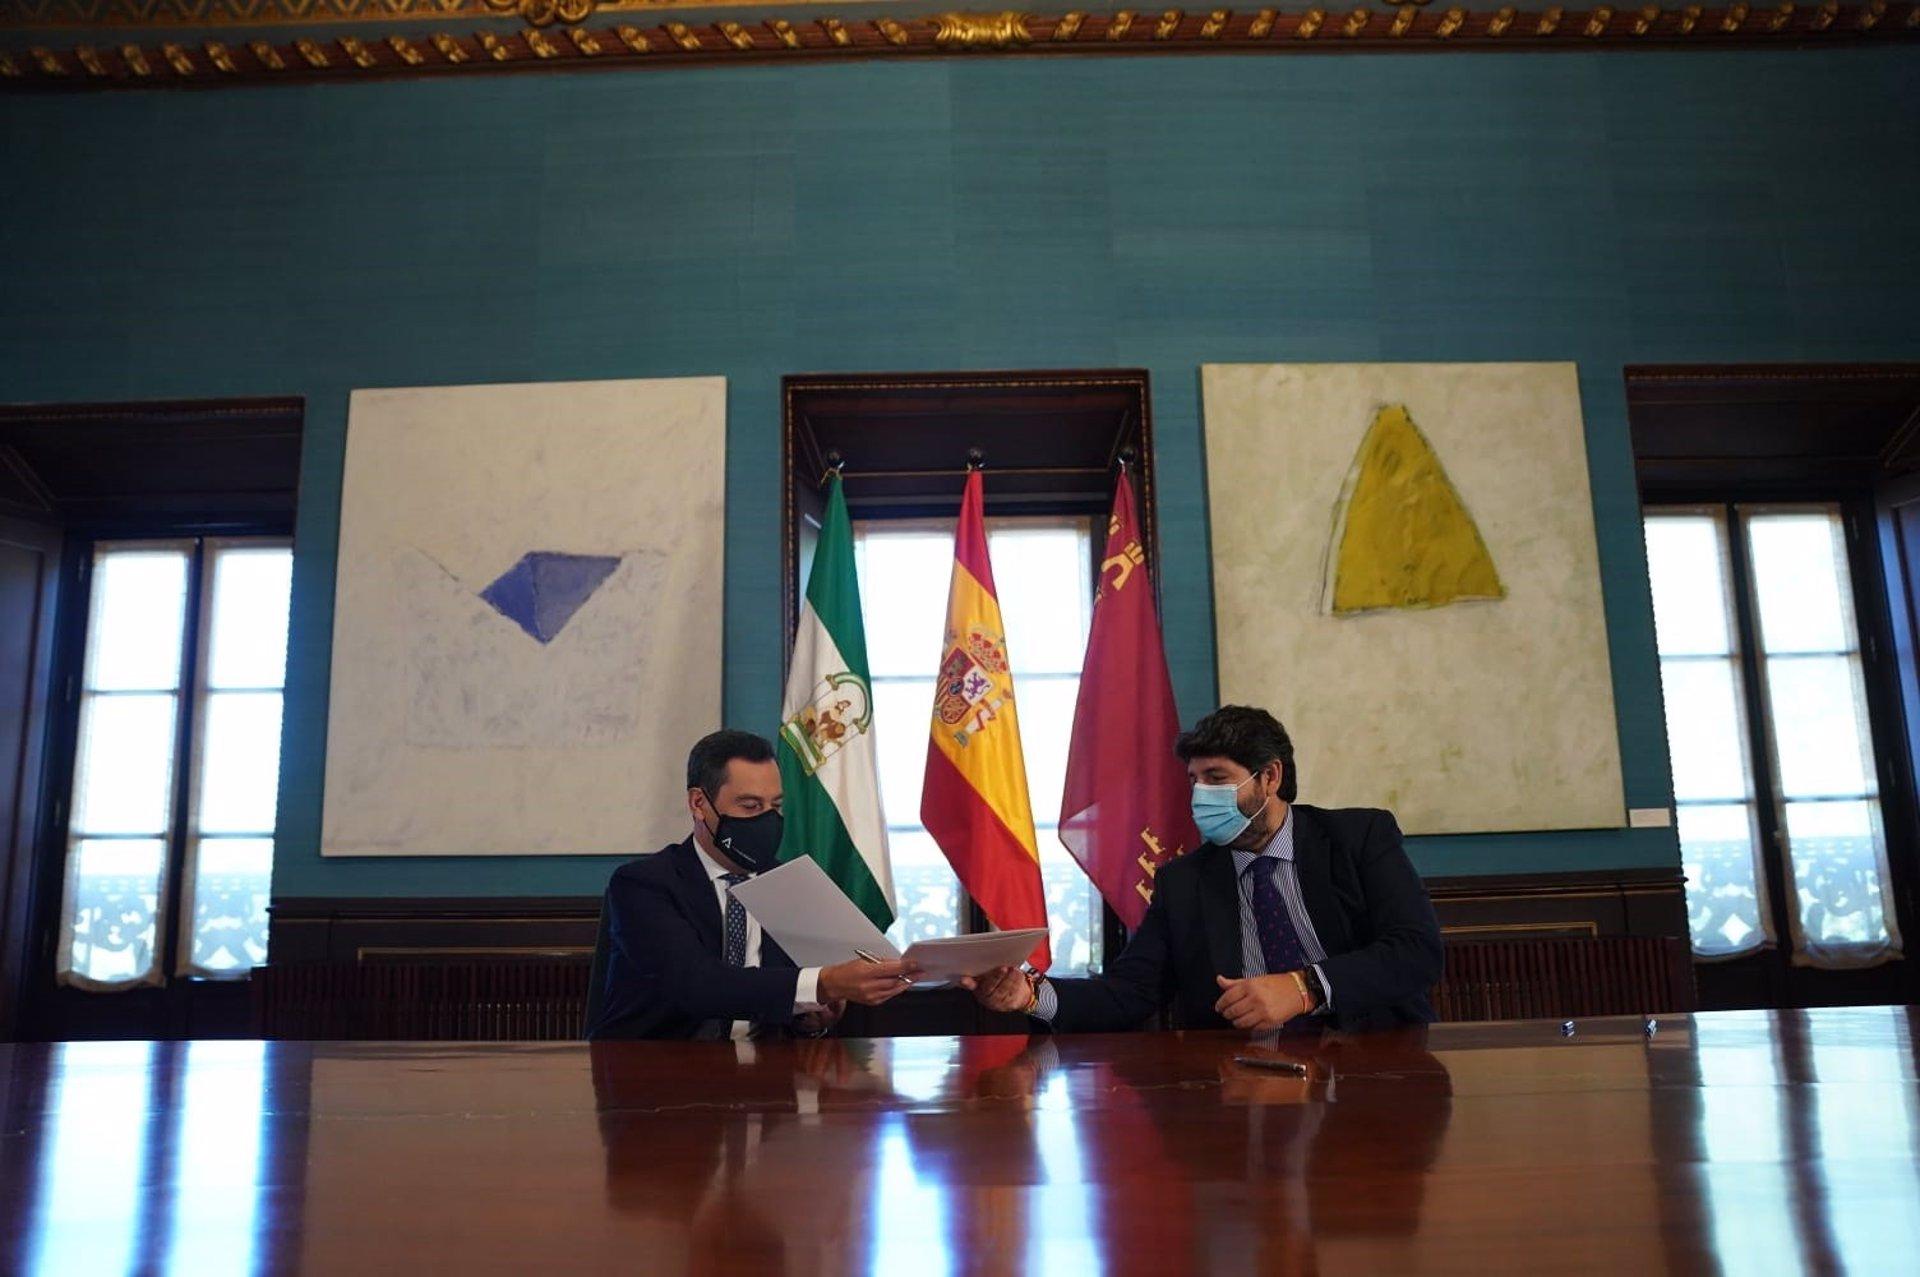 Andalucía y Murcia demandan al Gobierno central la reforma de la financiación y un fondo transitorio